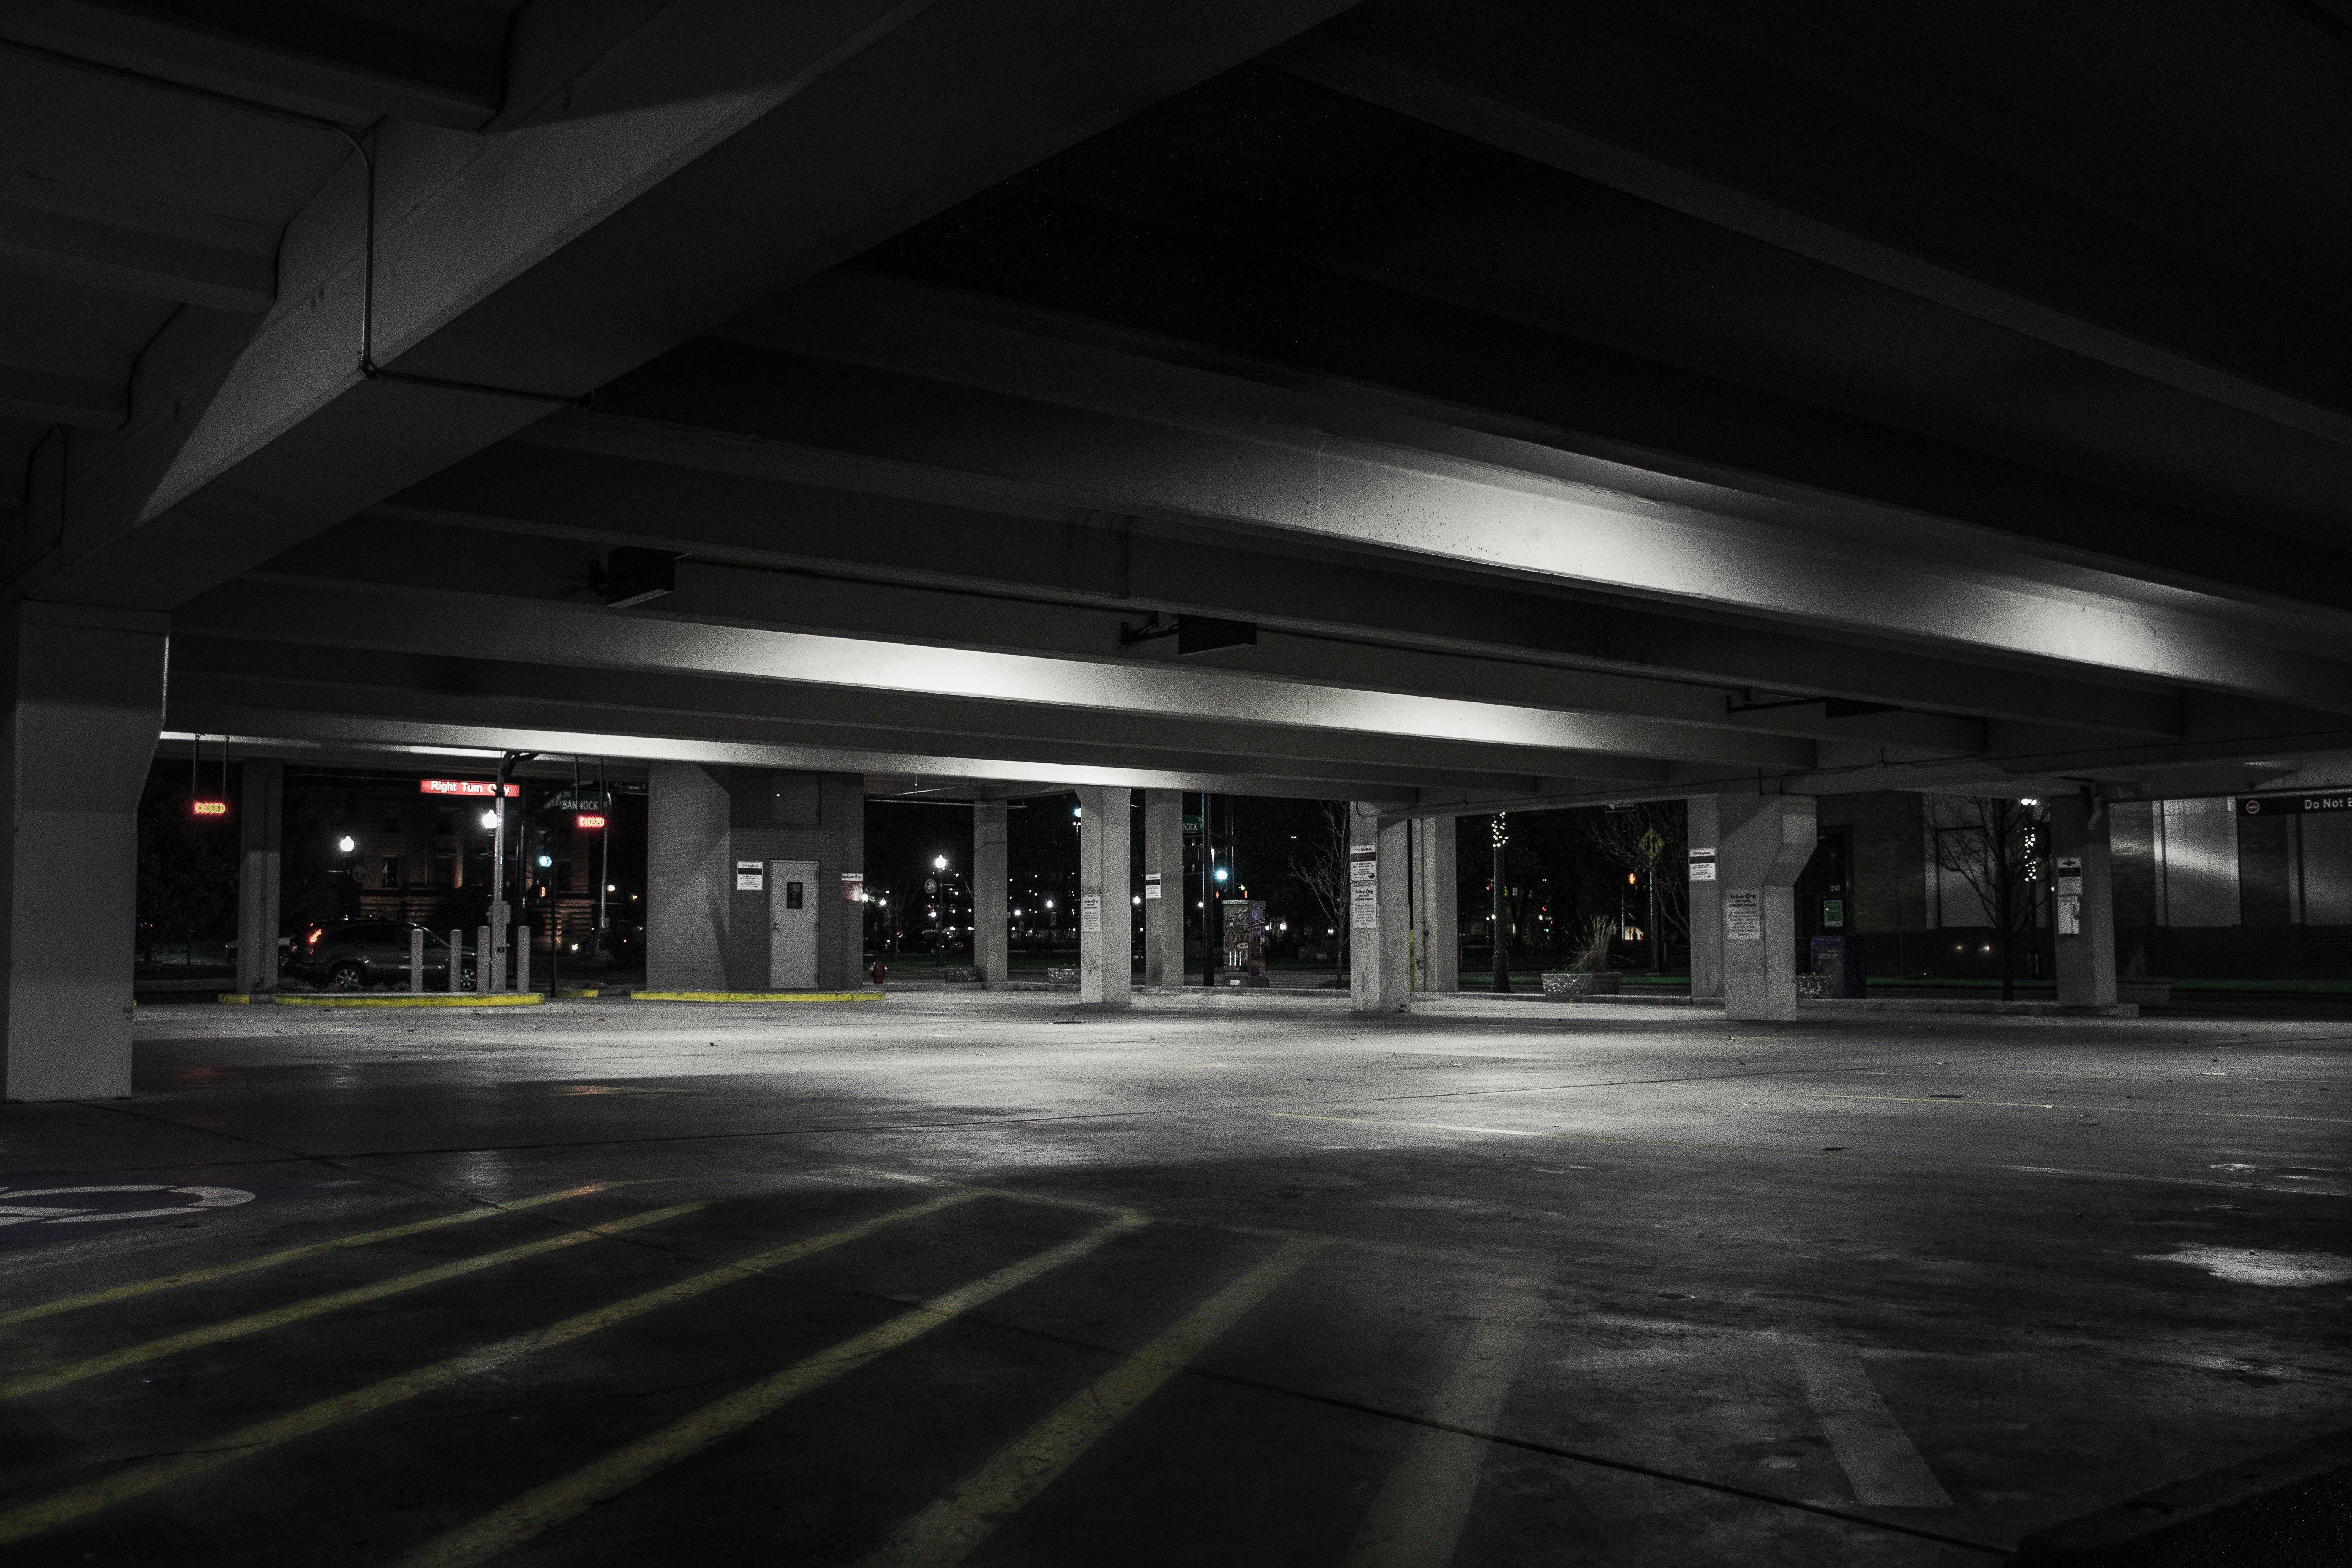 zu architektur, autoparkplatz, beleuchtung, beton